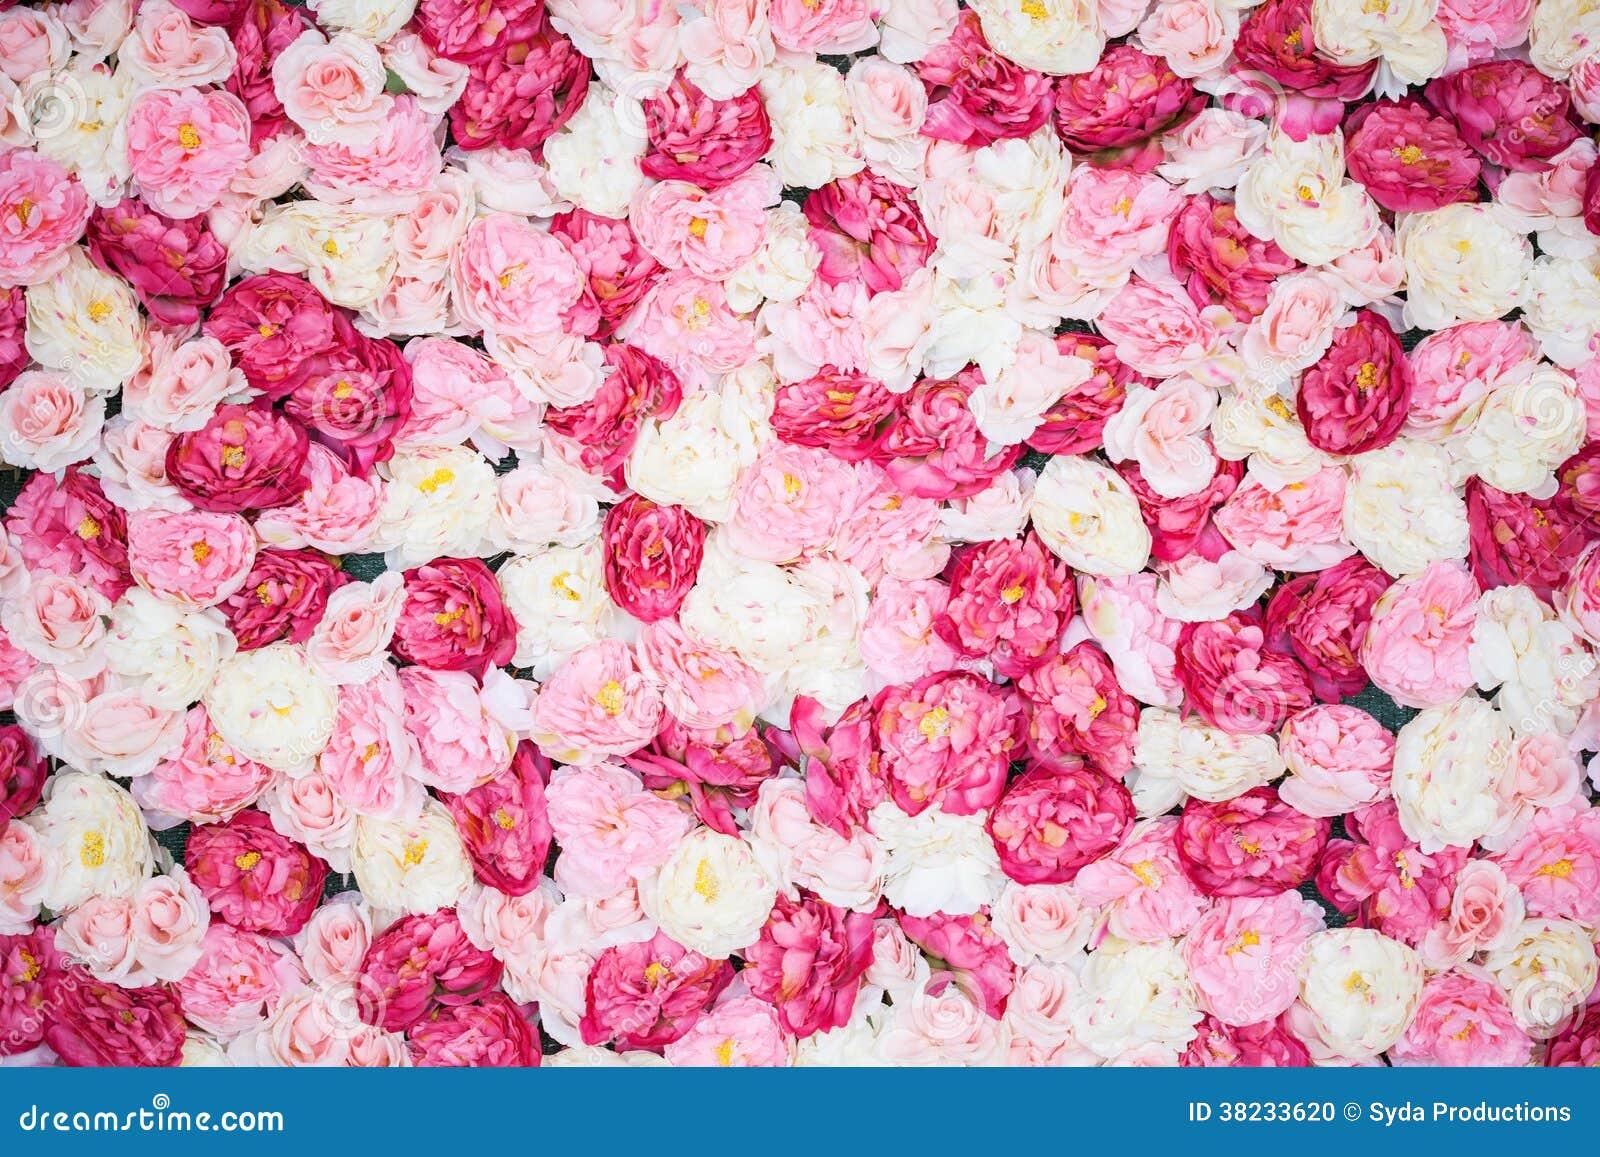 Fondo por completo de las peonías blancas y rosadas